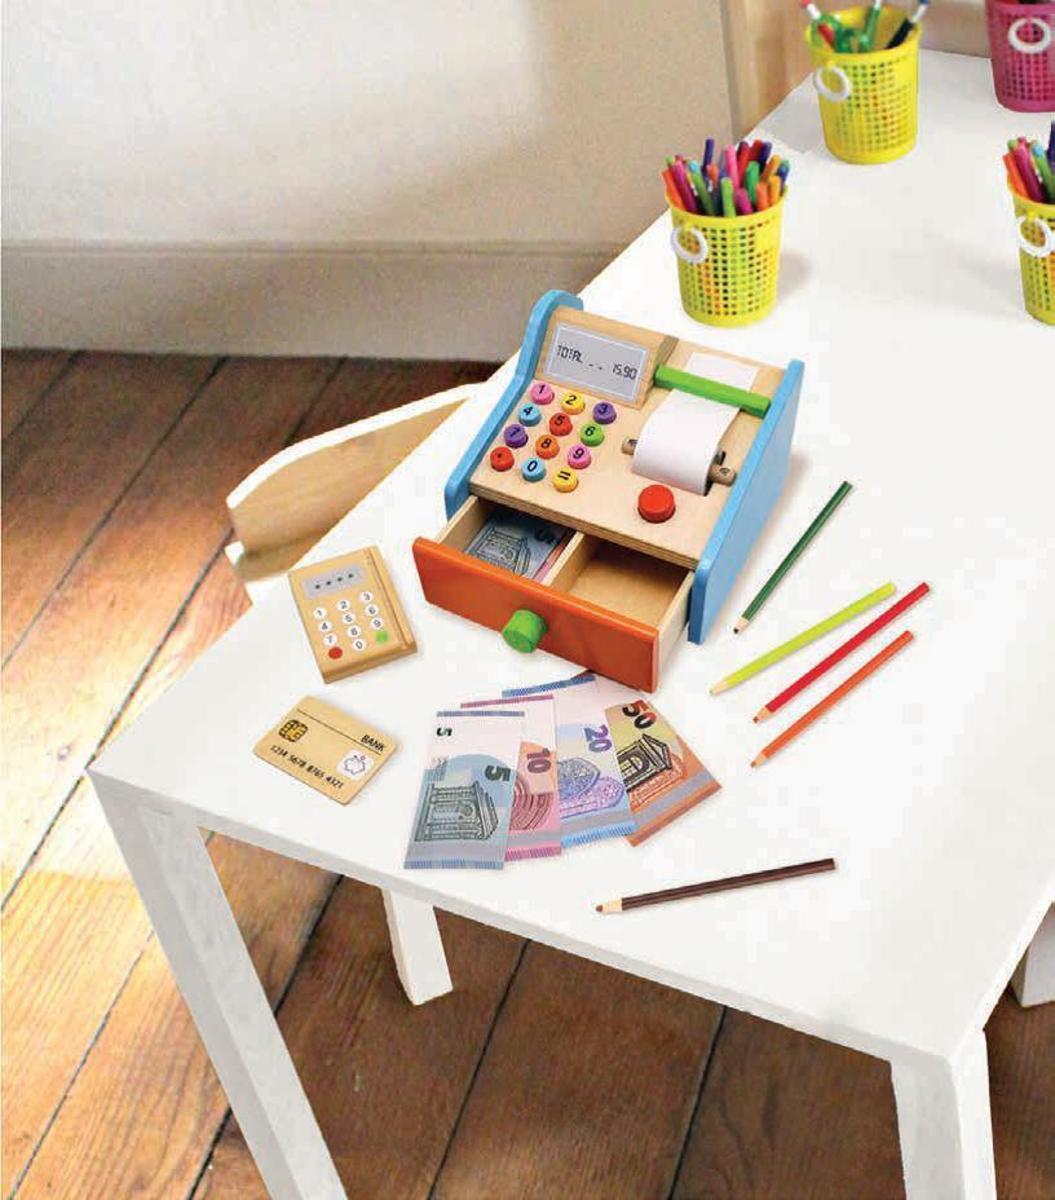 Bild 2 von Coemo Spielkasse aus Holz mit Zubehör